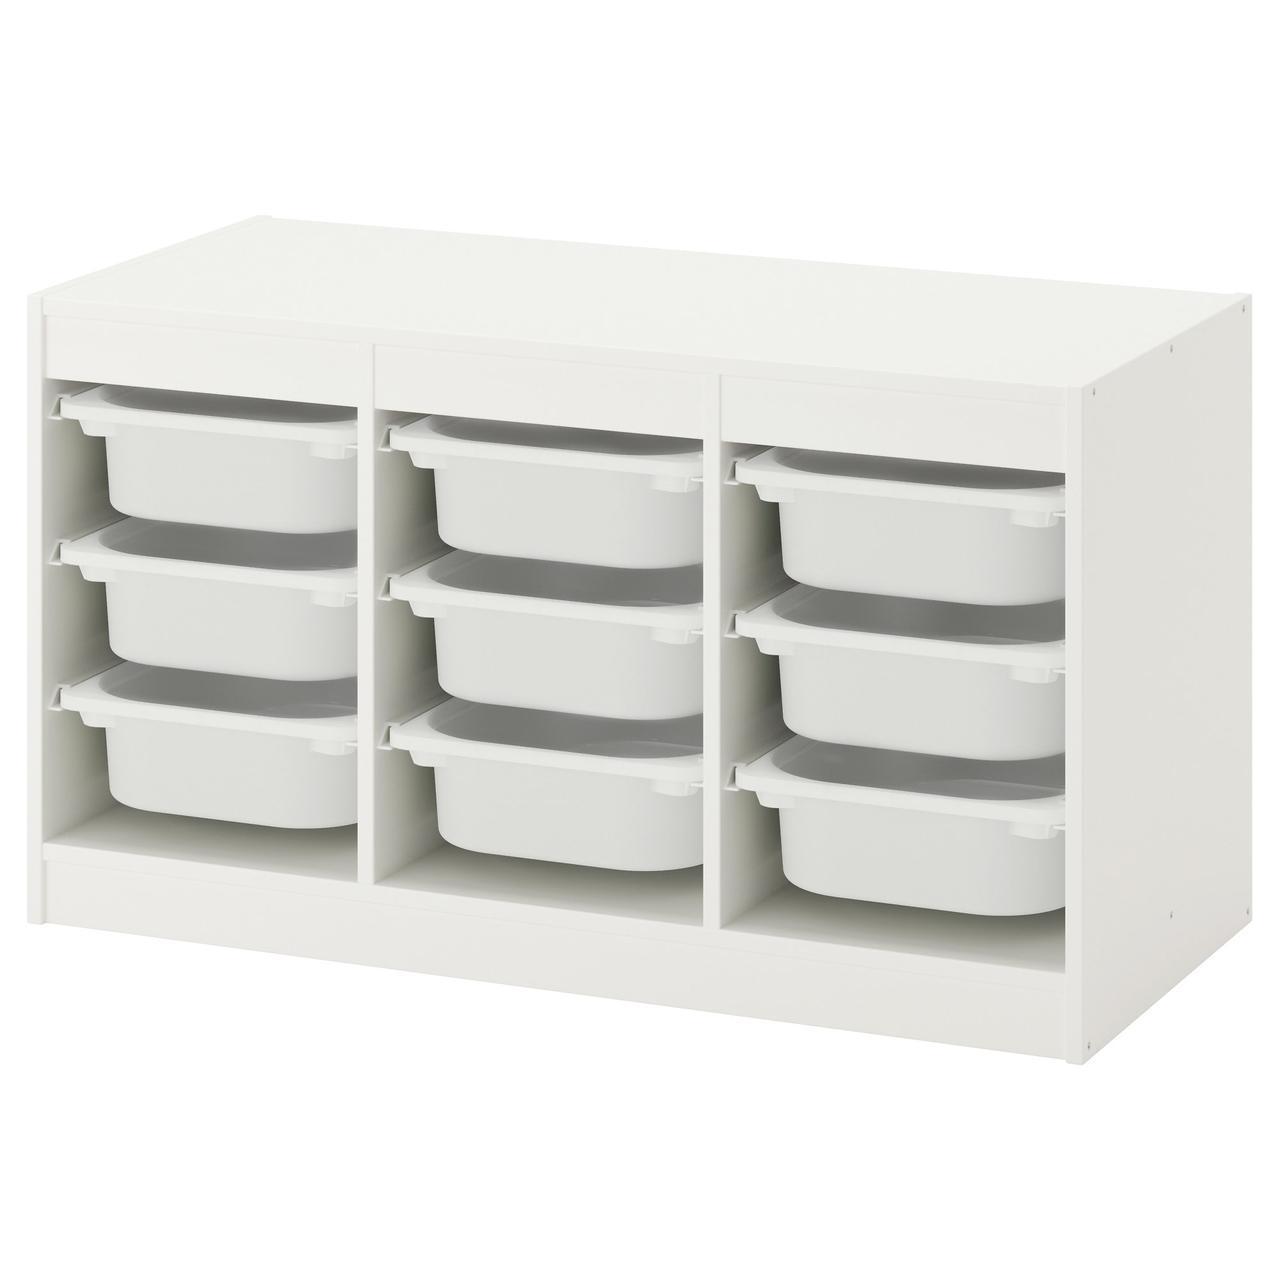 Комод для іграшок IKEA TROFAST 99x44x56 см білий 292.284.70